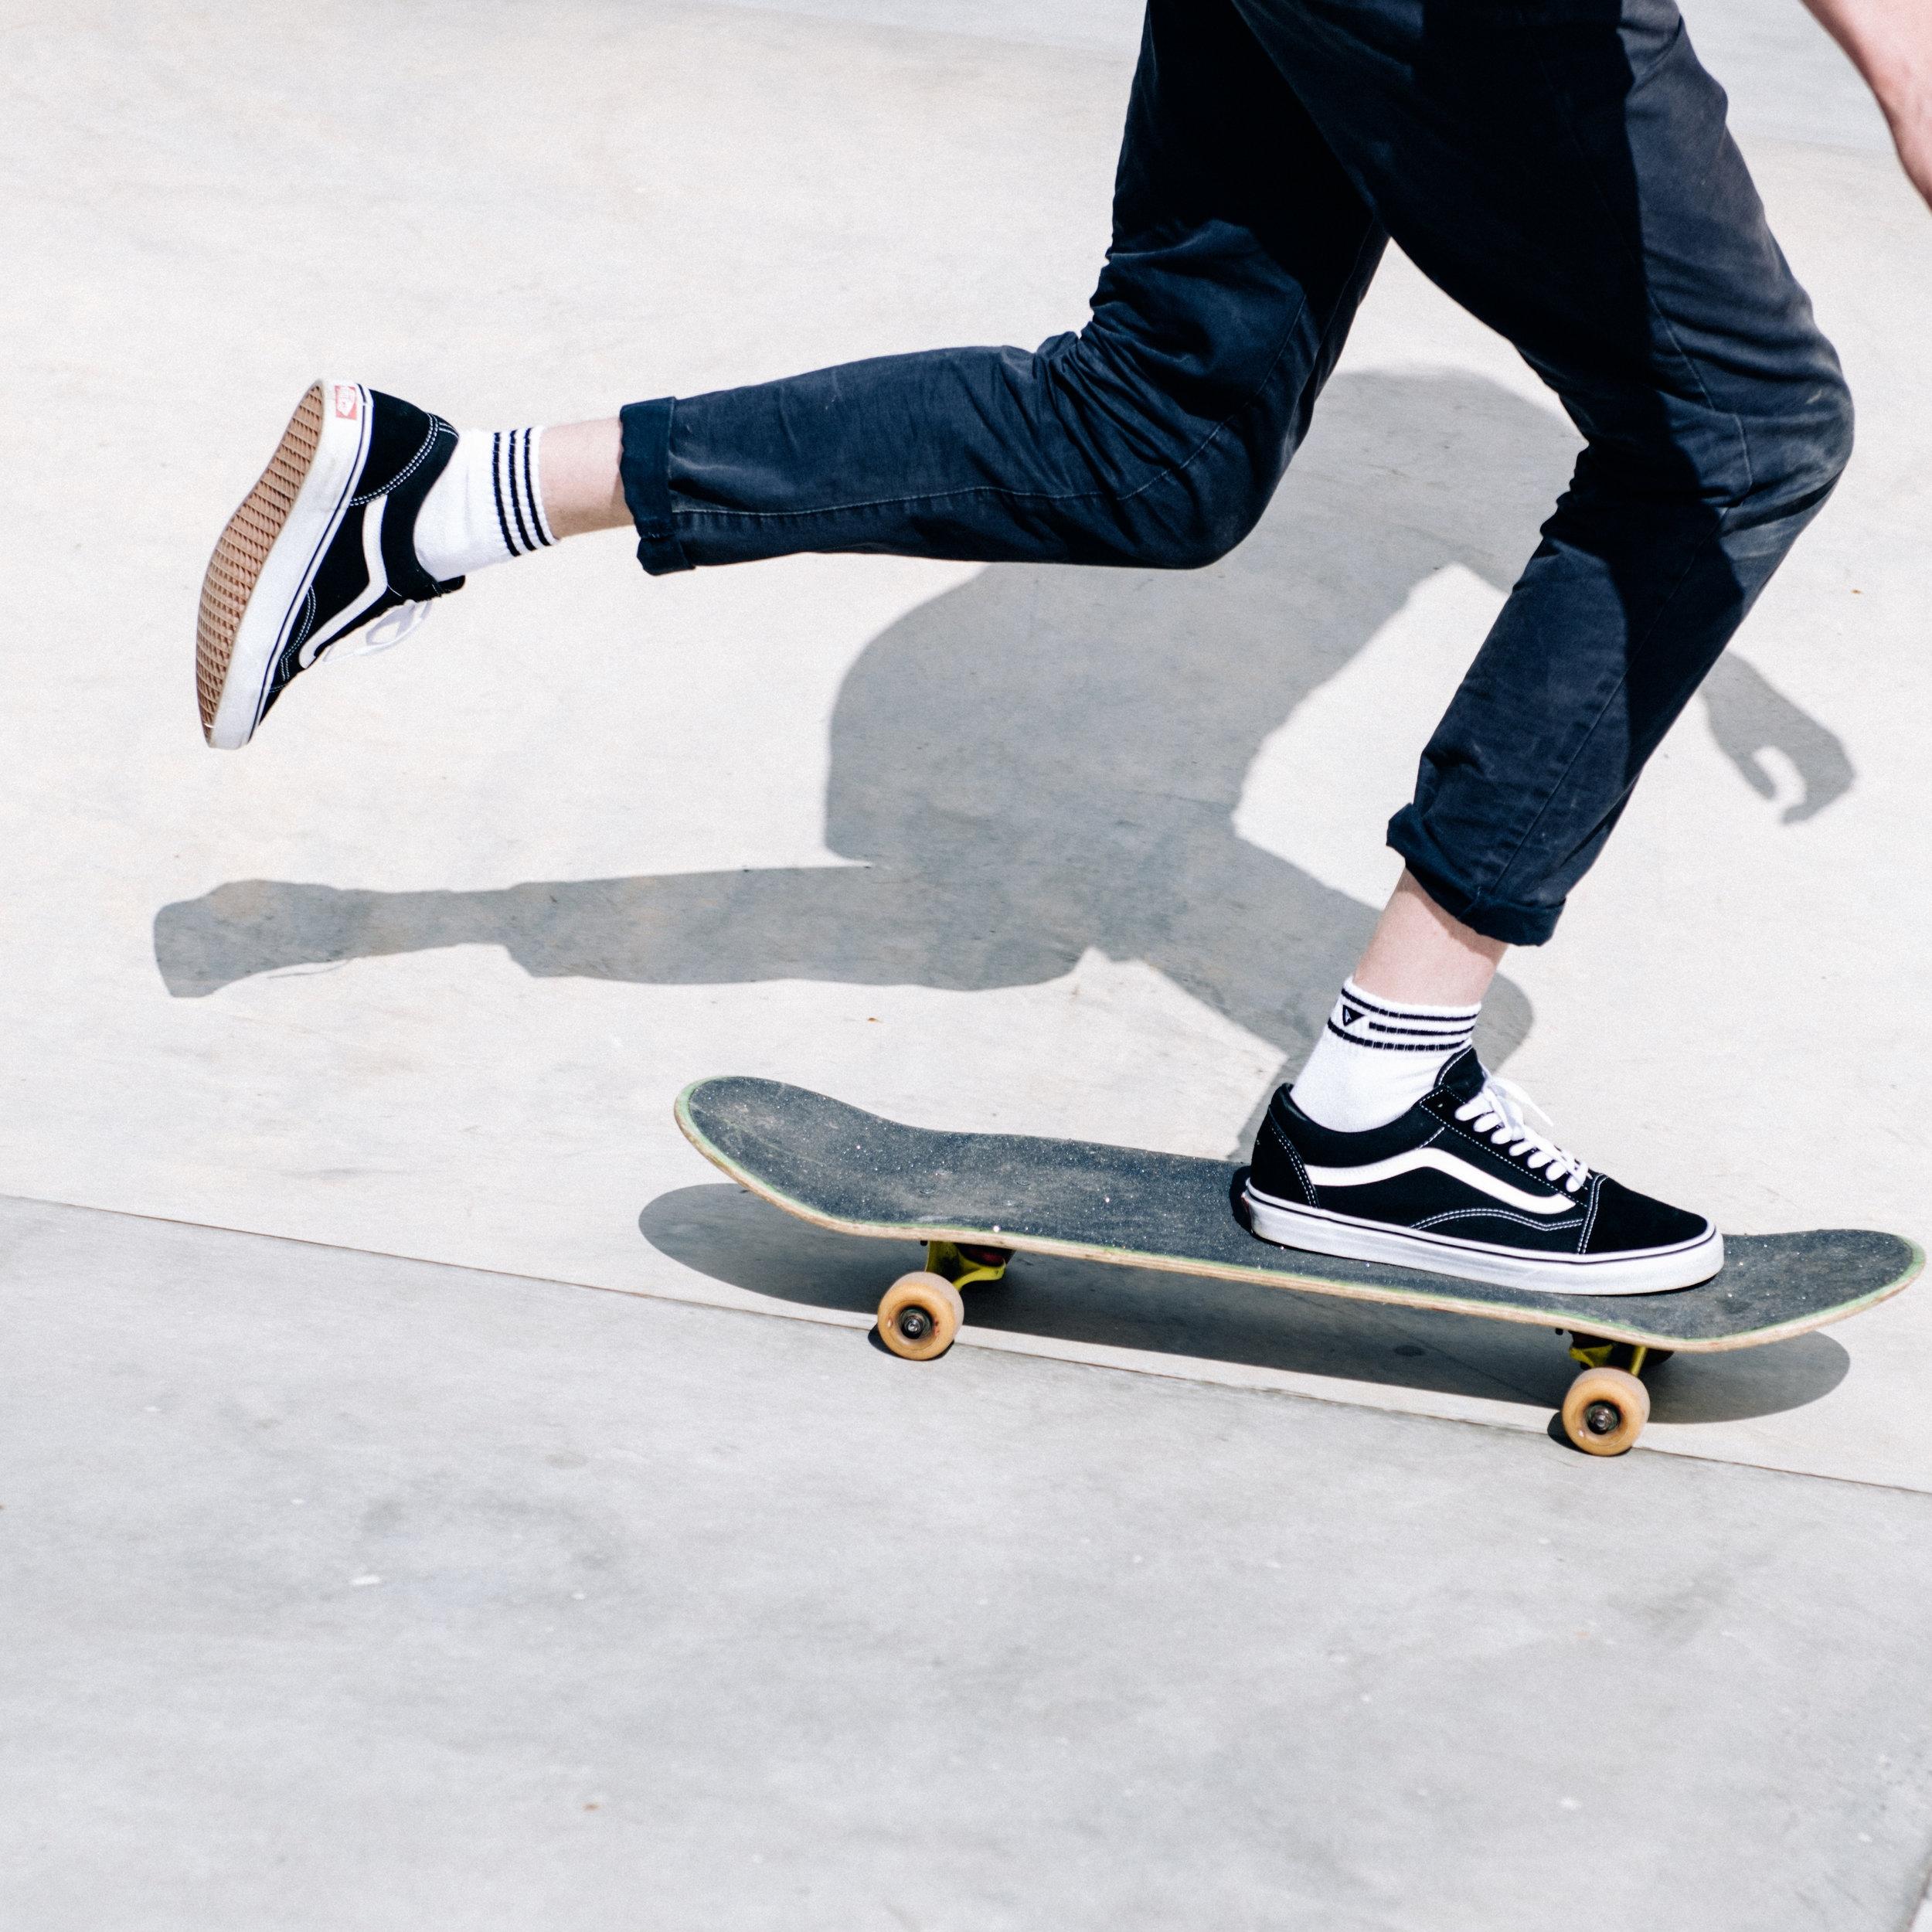 Arvin_Skate-3516.JPG